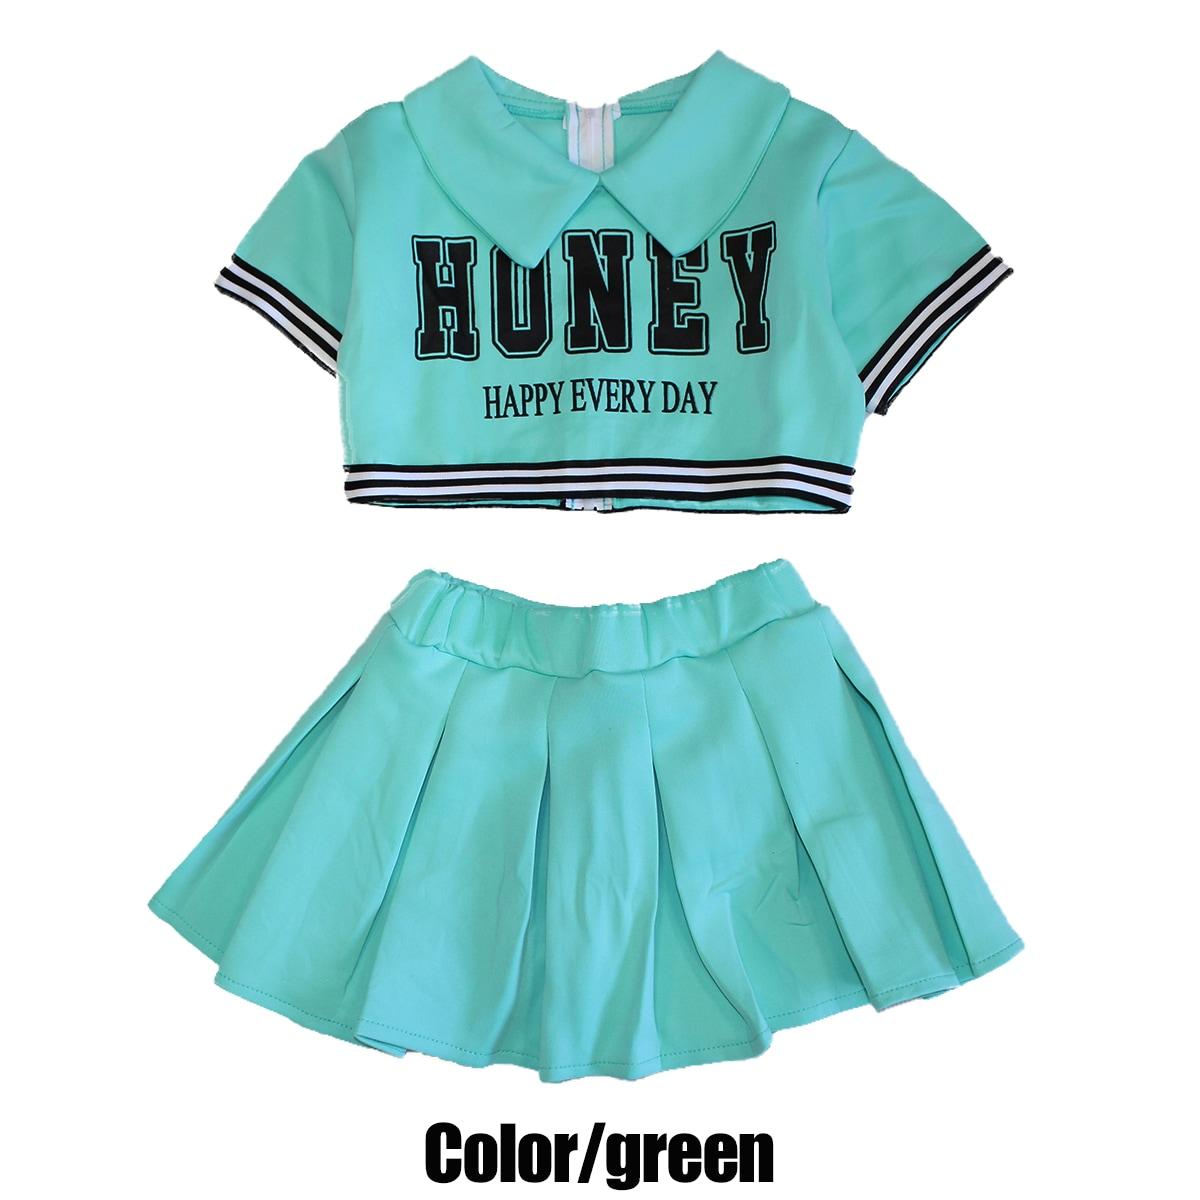 カラー 緑 グリーン フロントスタイル